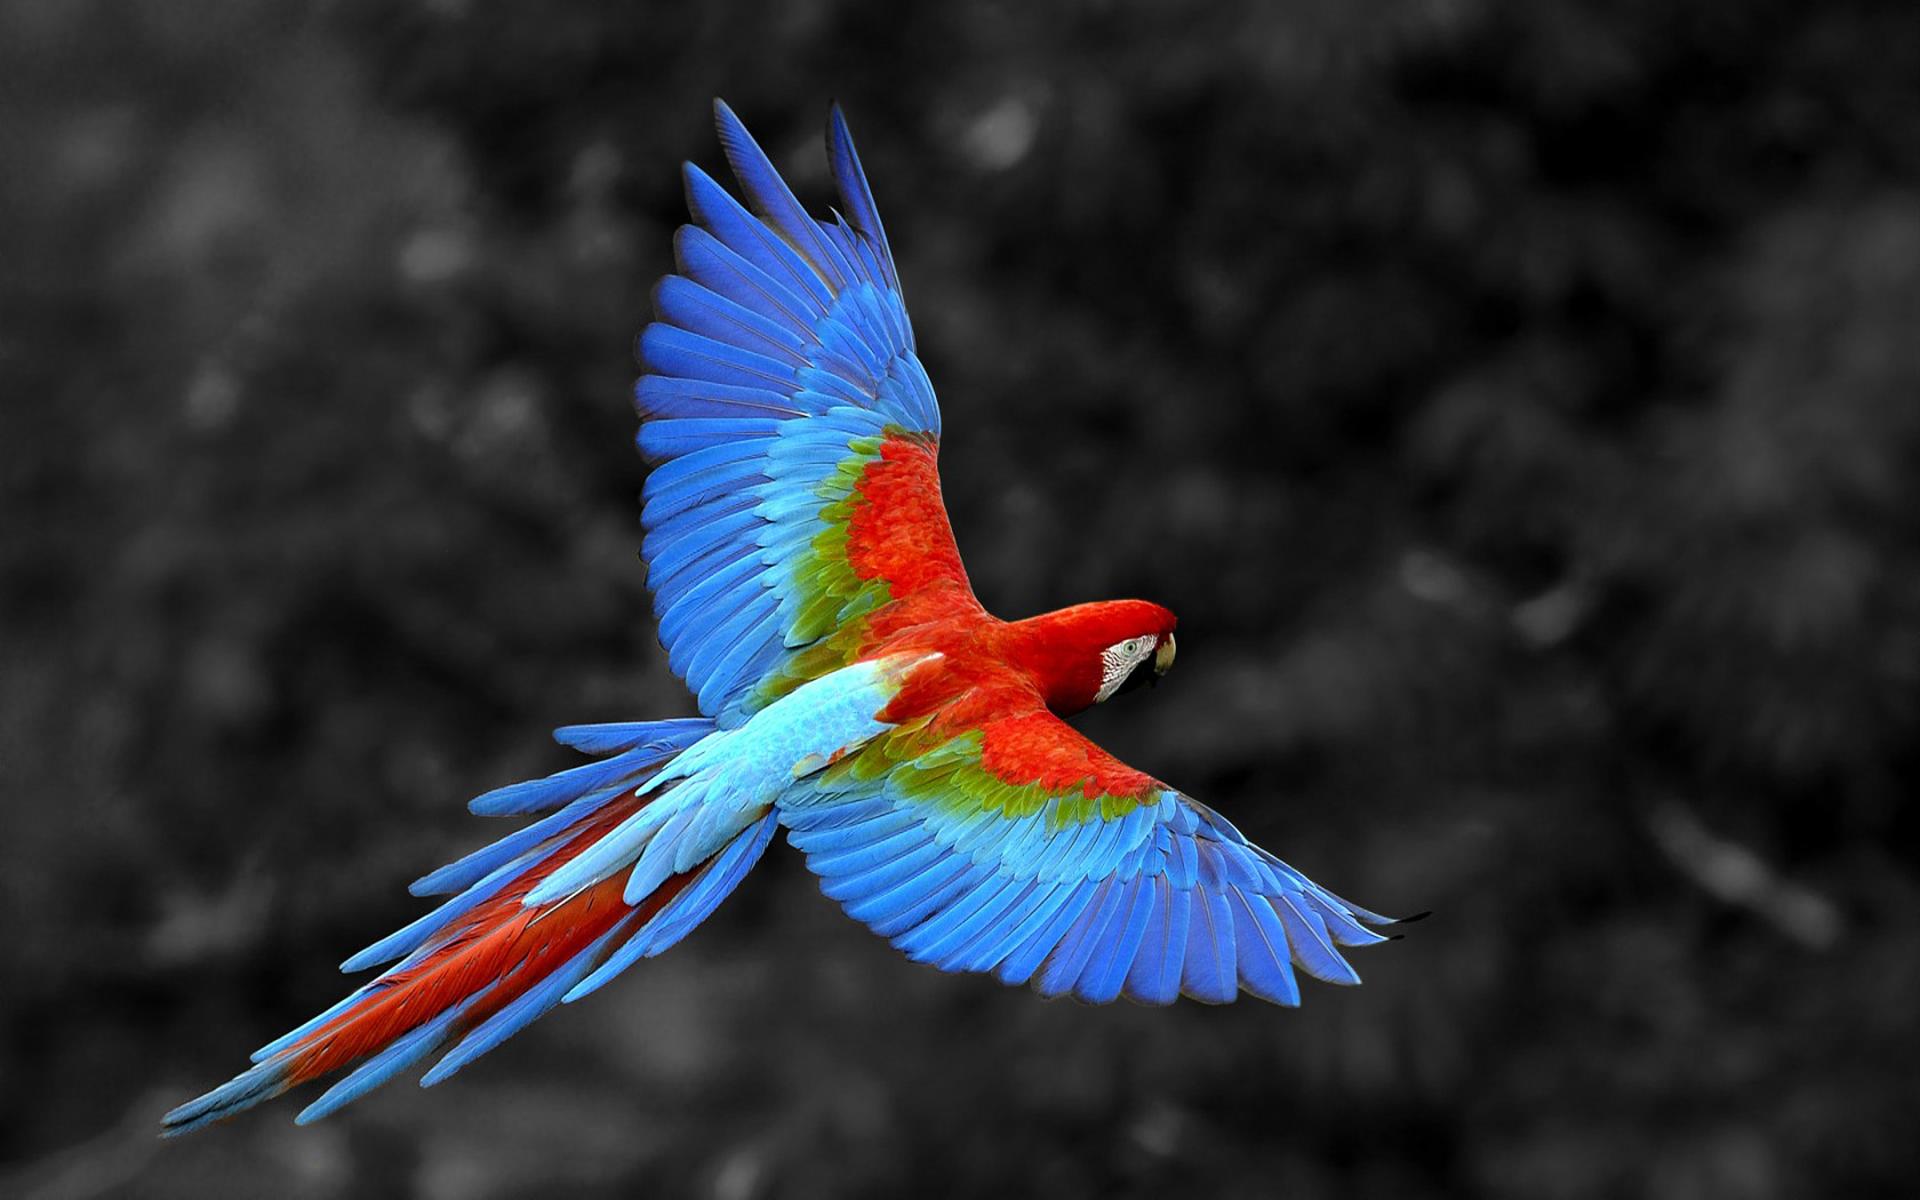 сине-красный попугай летит на фоне листвы, скачать фото, обои для рабочего стола